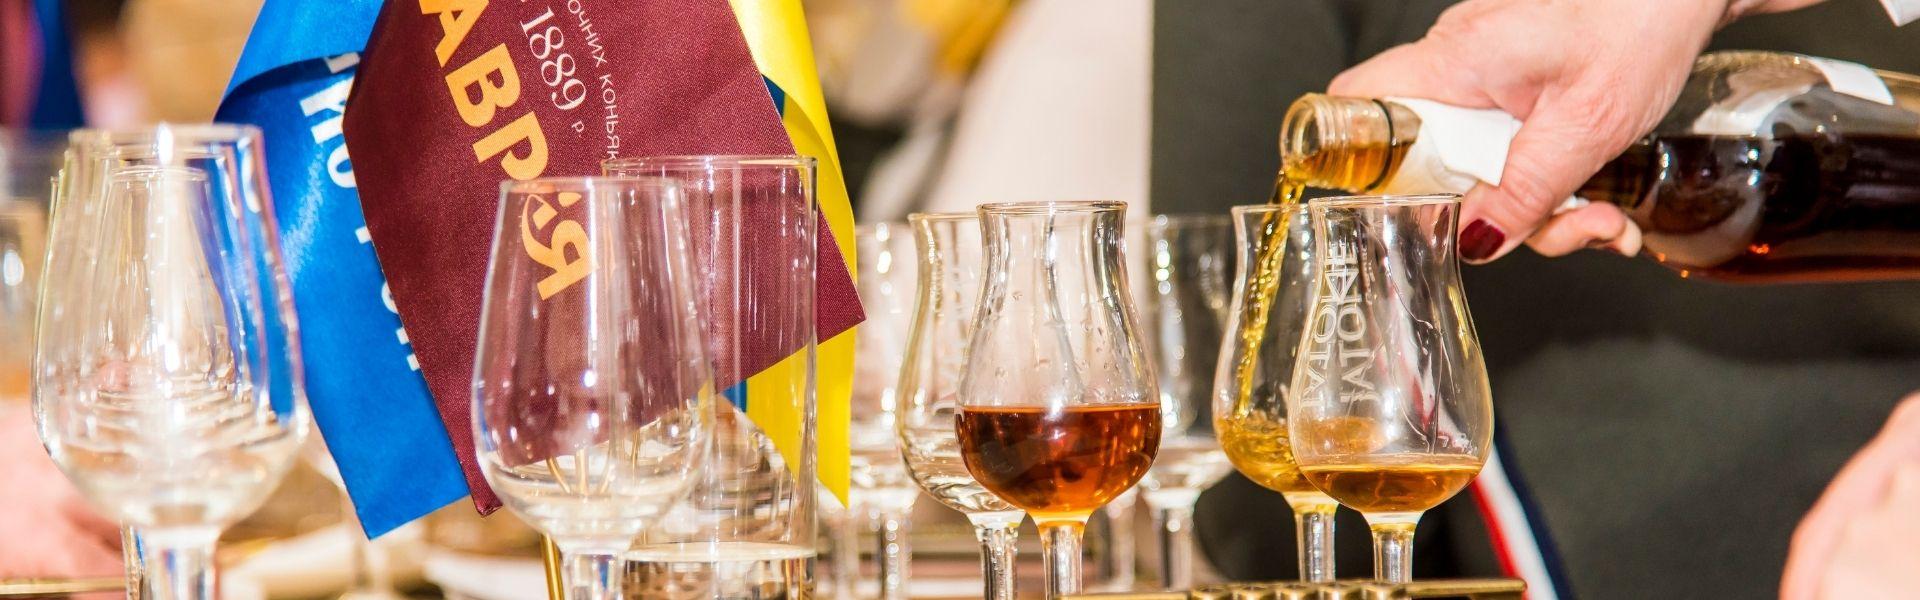 Коньячно-винний тур на завод Таврія